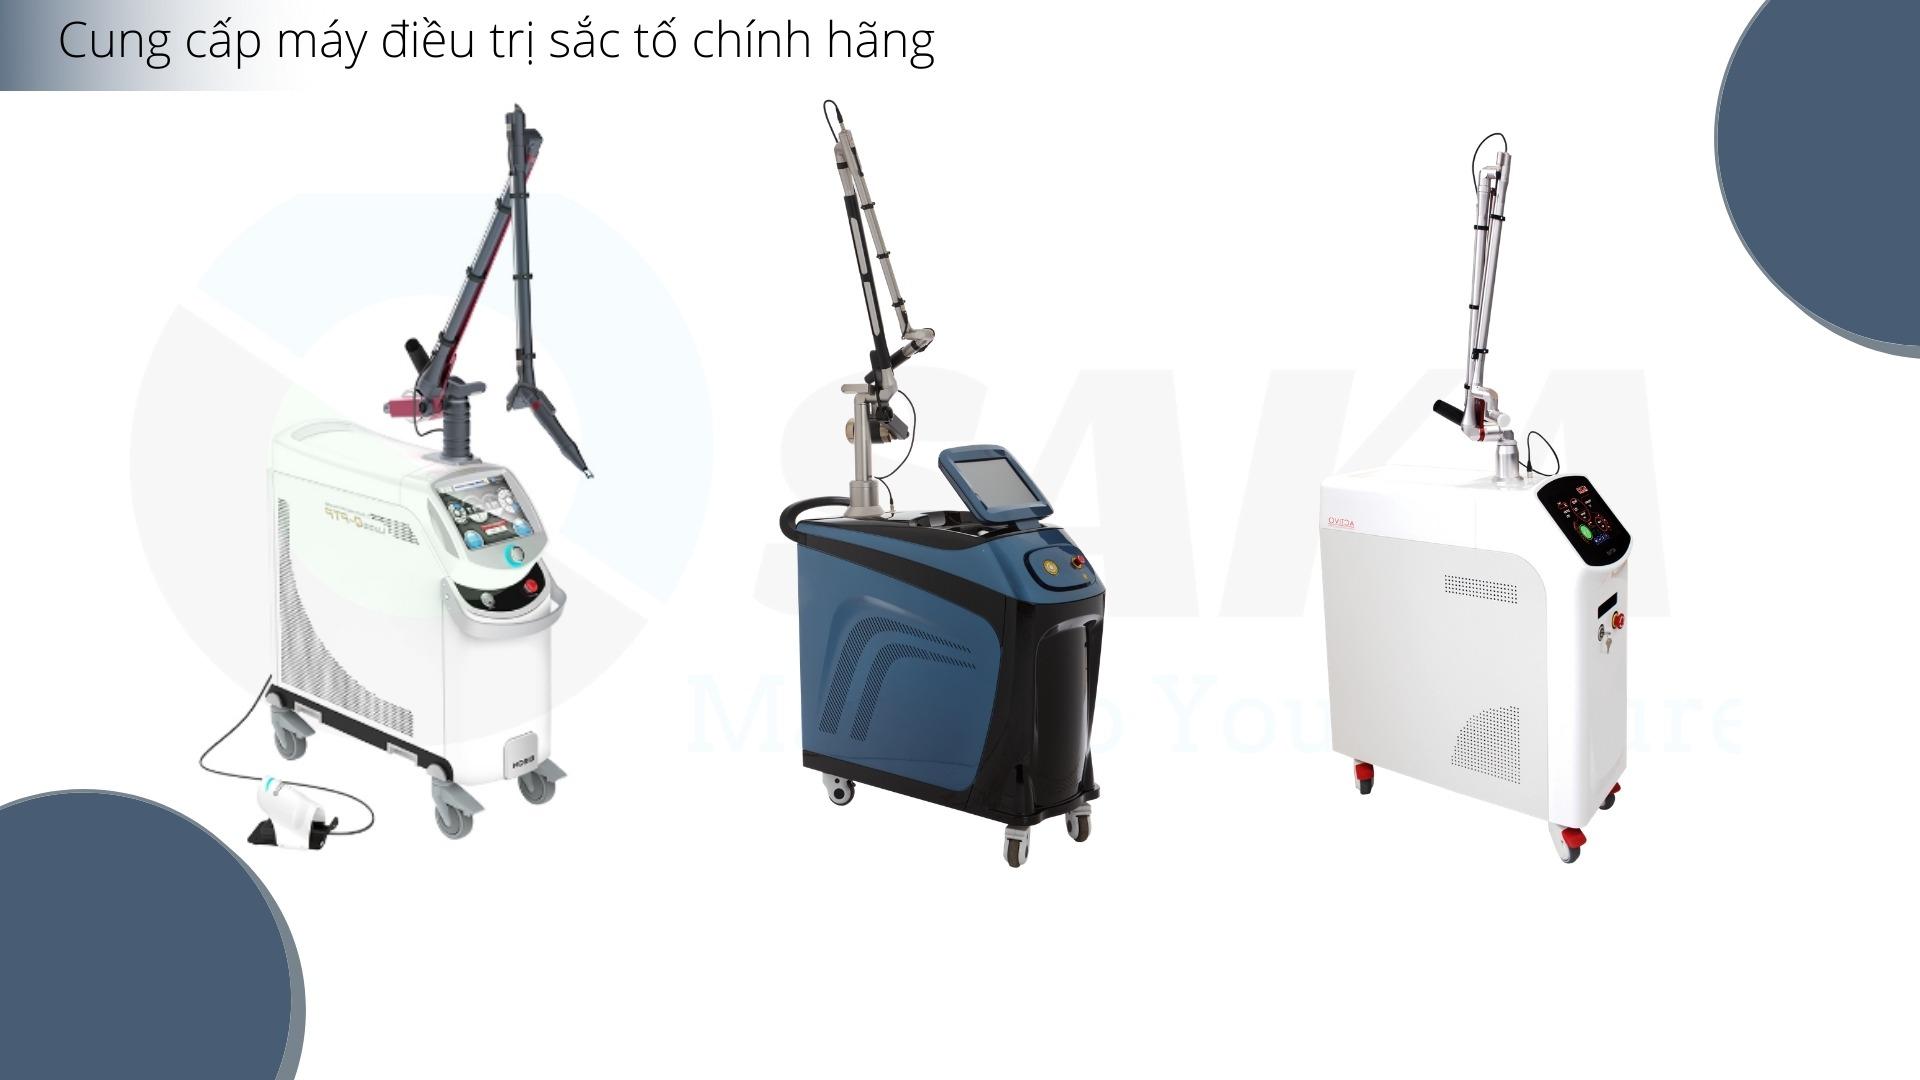 Cung cấp máy điều trị sắc tố chính hãng